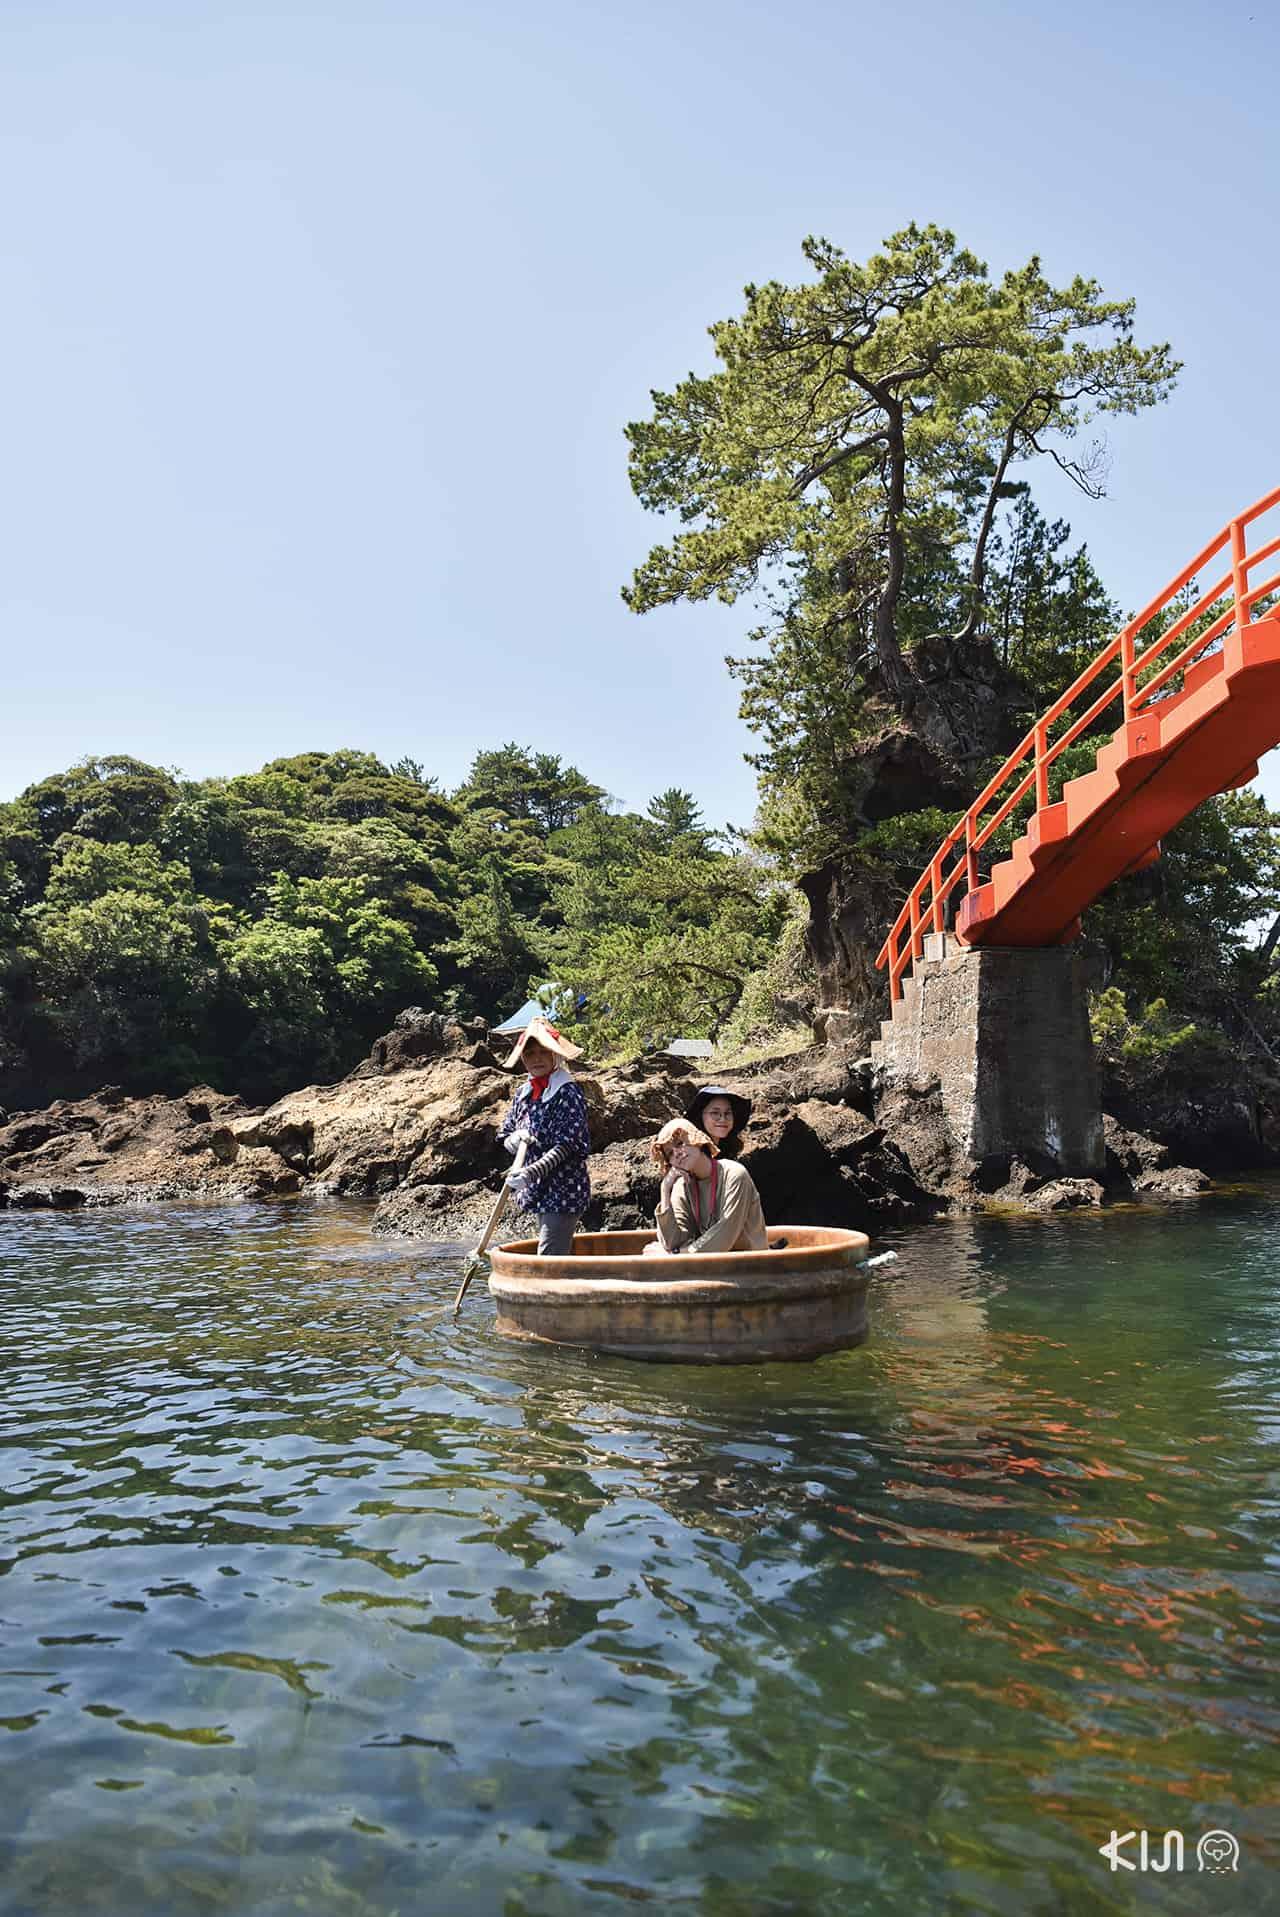 เที่ยวเกาะซาโดะ จังหวัดนีงาตะ (niigata)